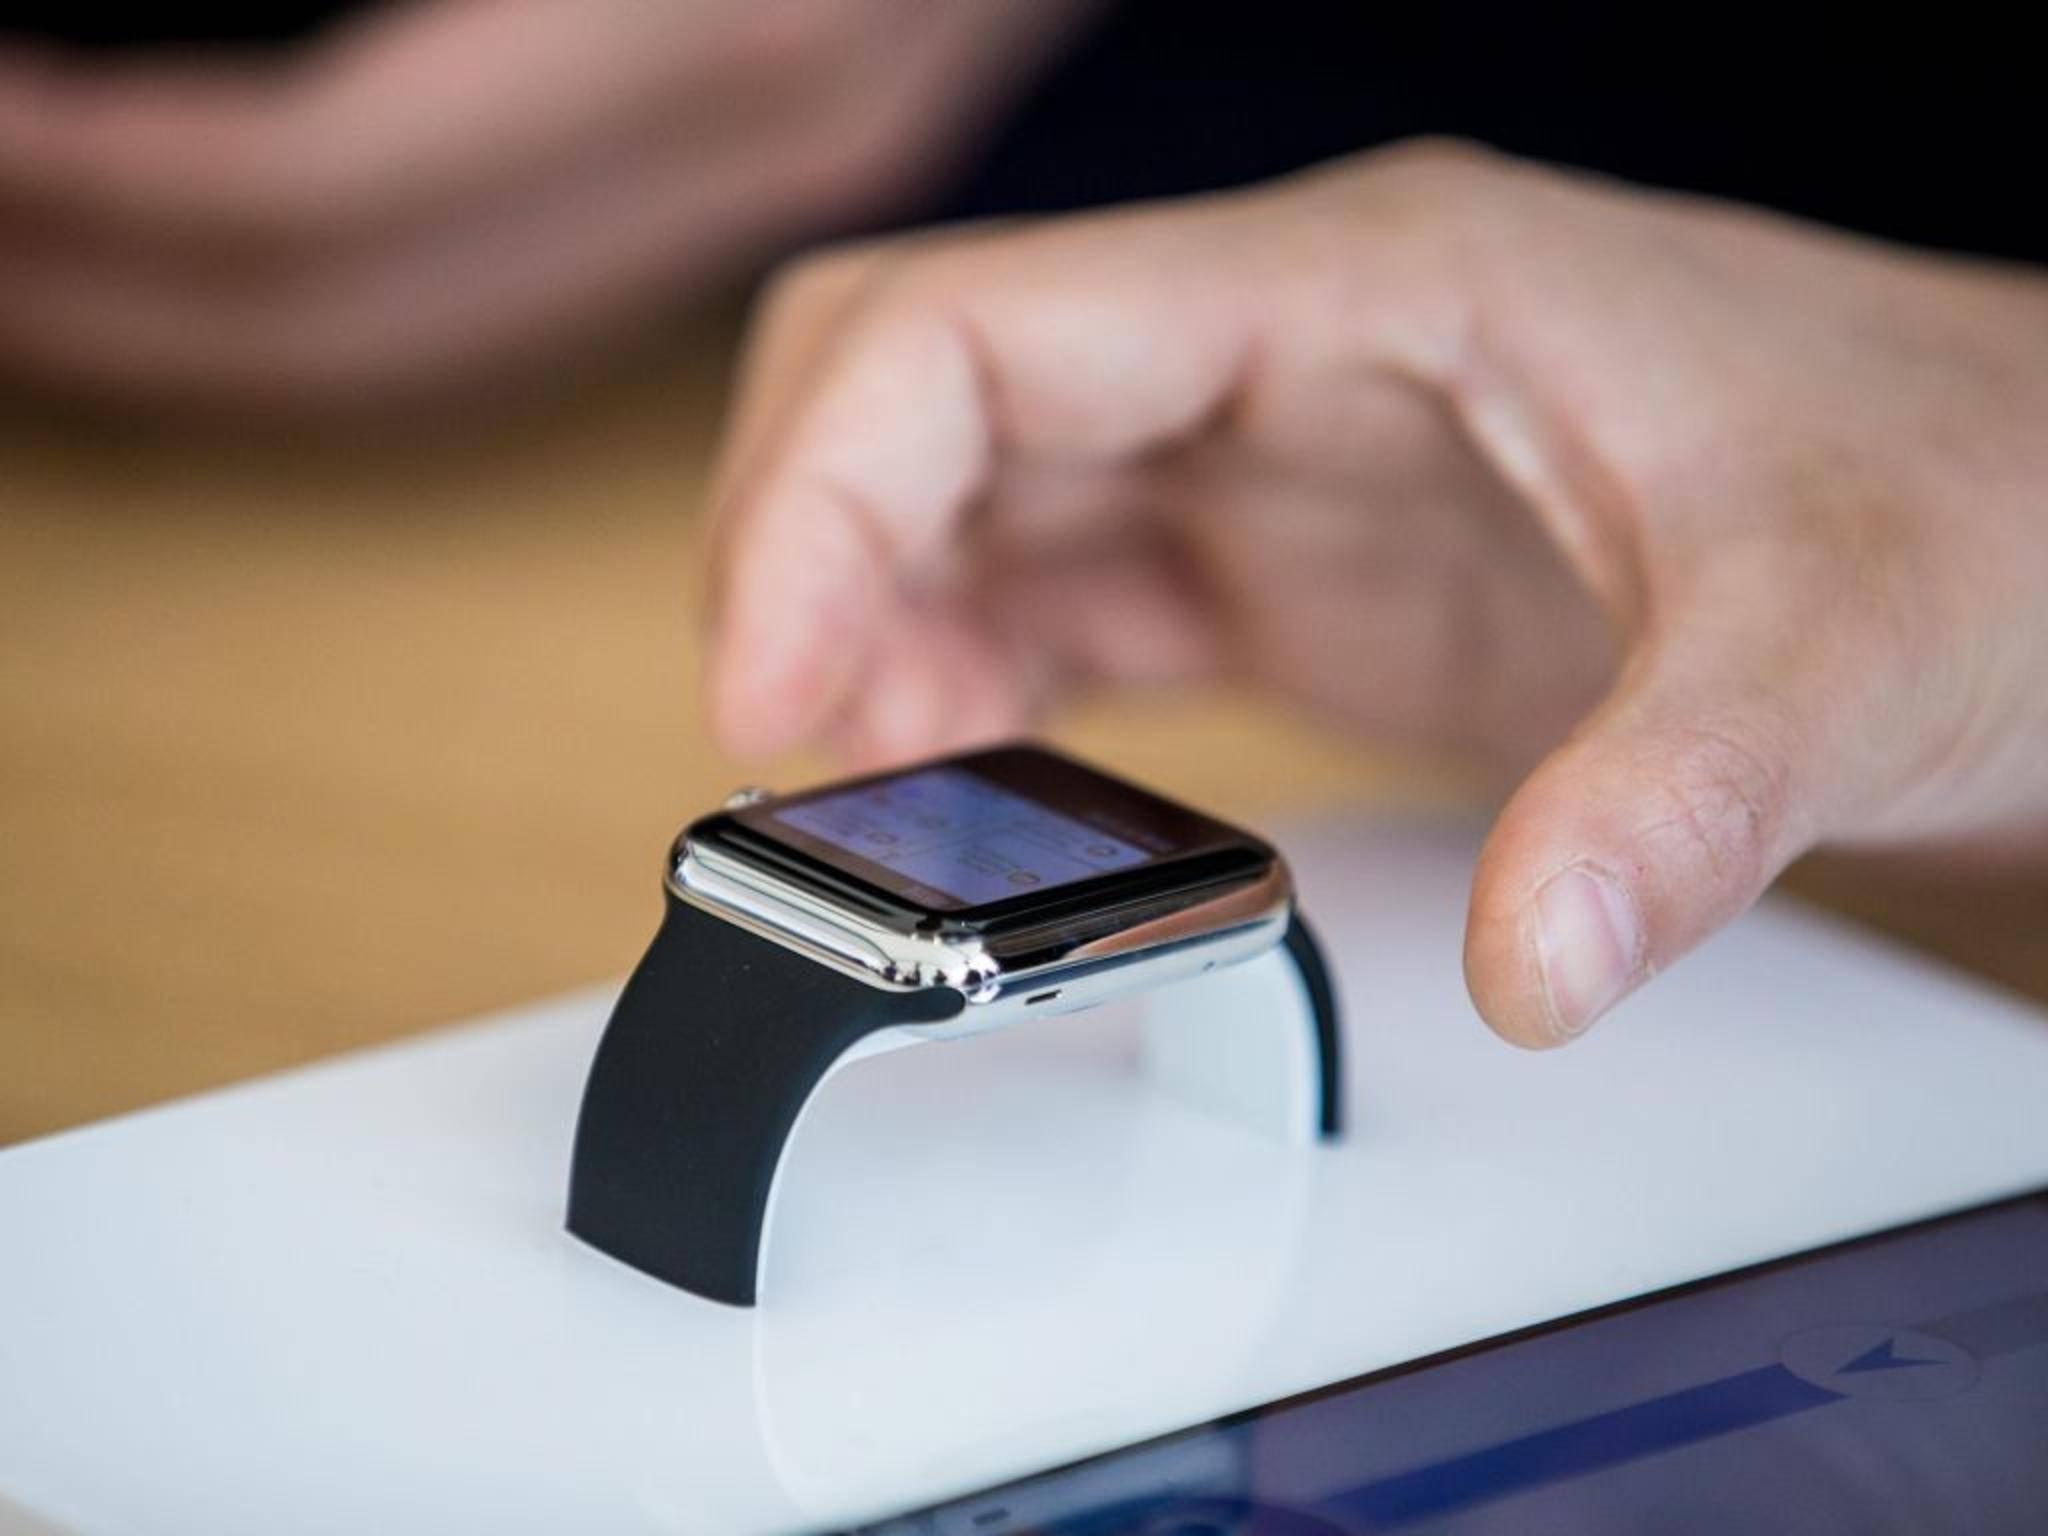 Unzählige Menschen wollten sie am gestrigen Launch-Tag ansehen und anfassen: die Apple Watch.